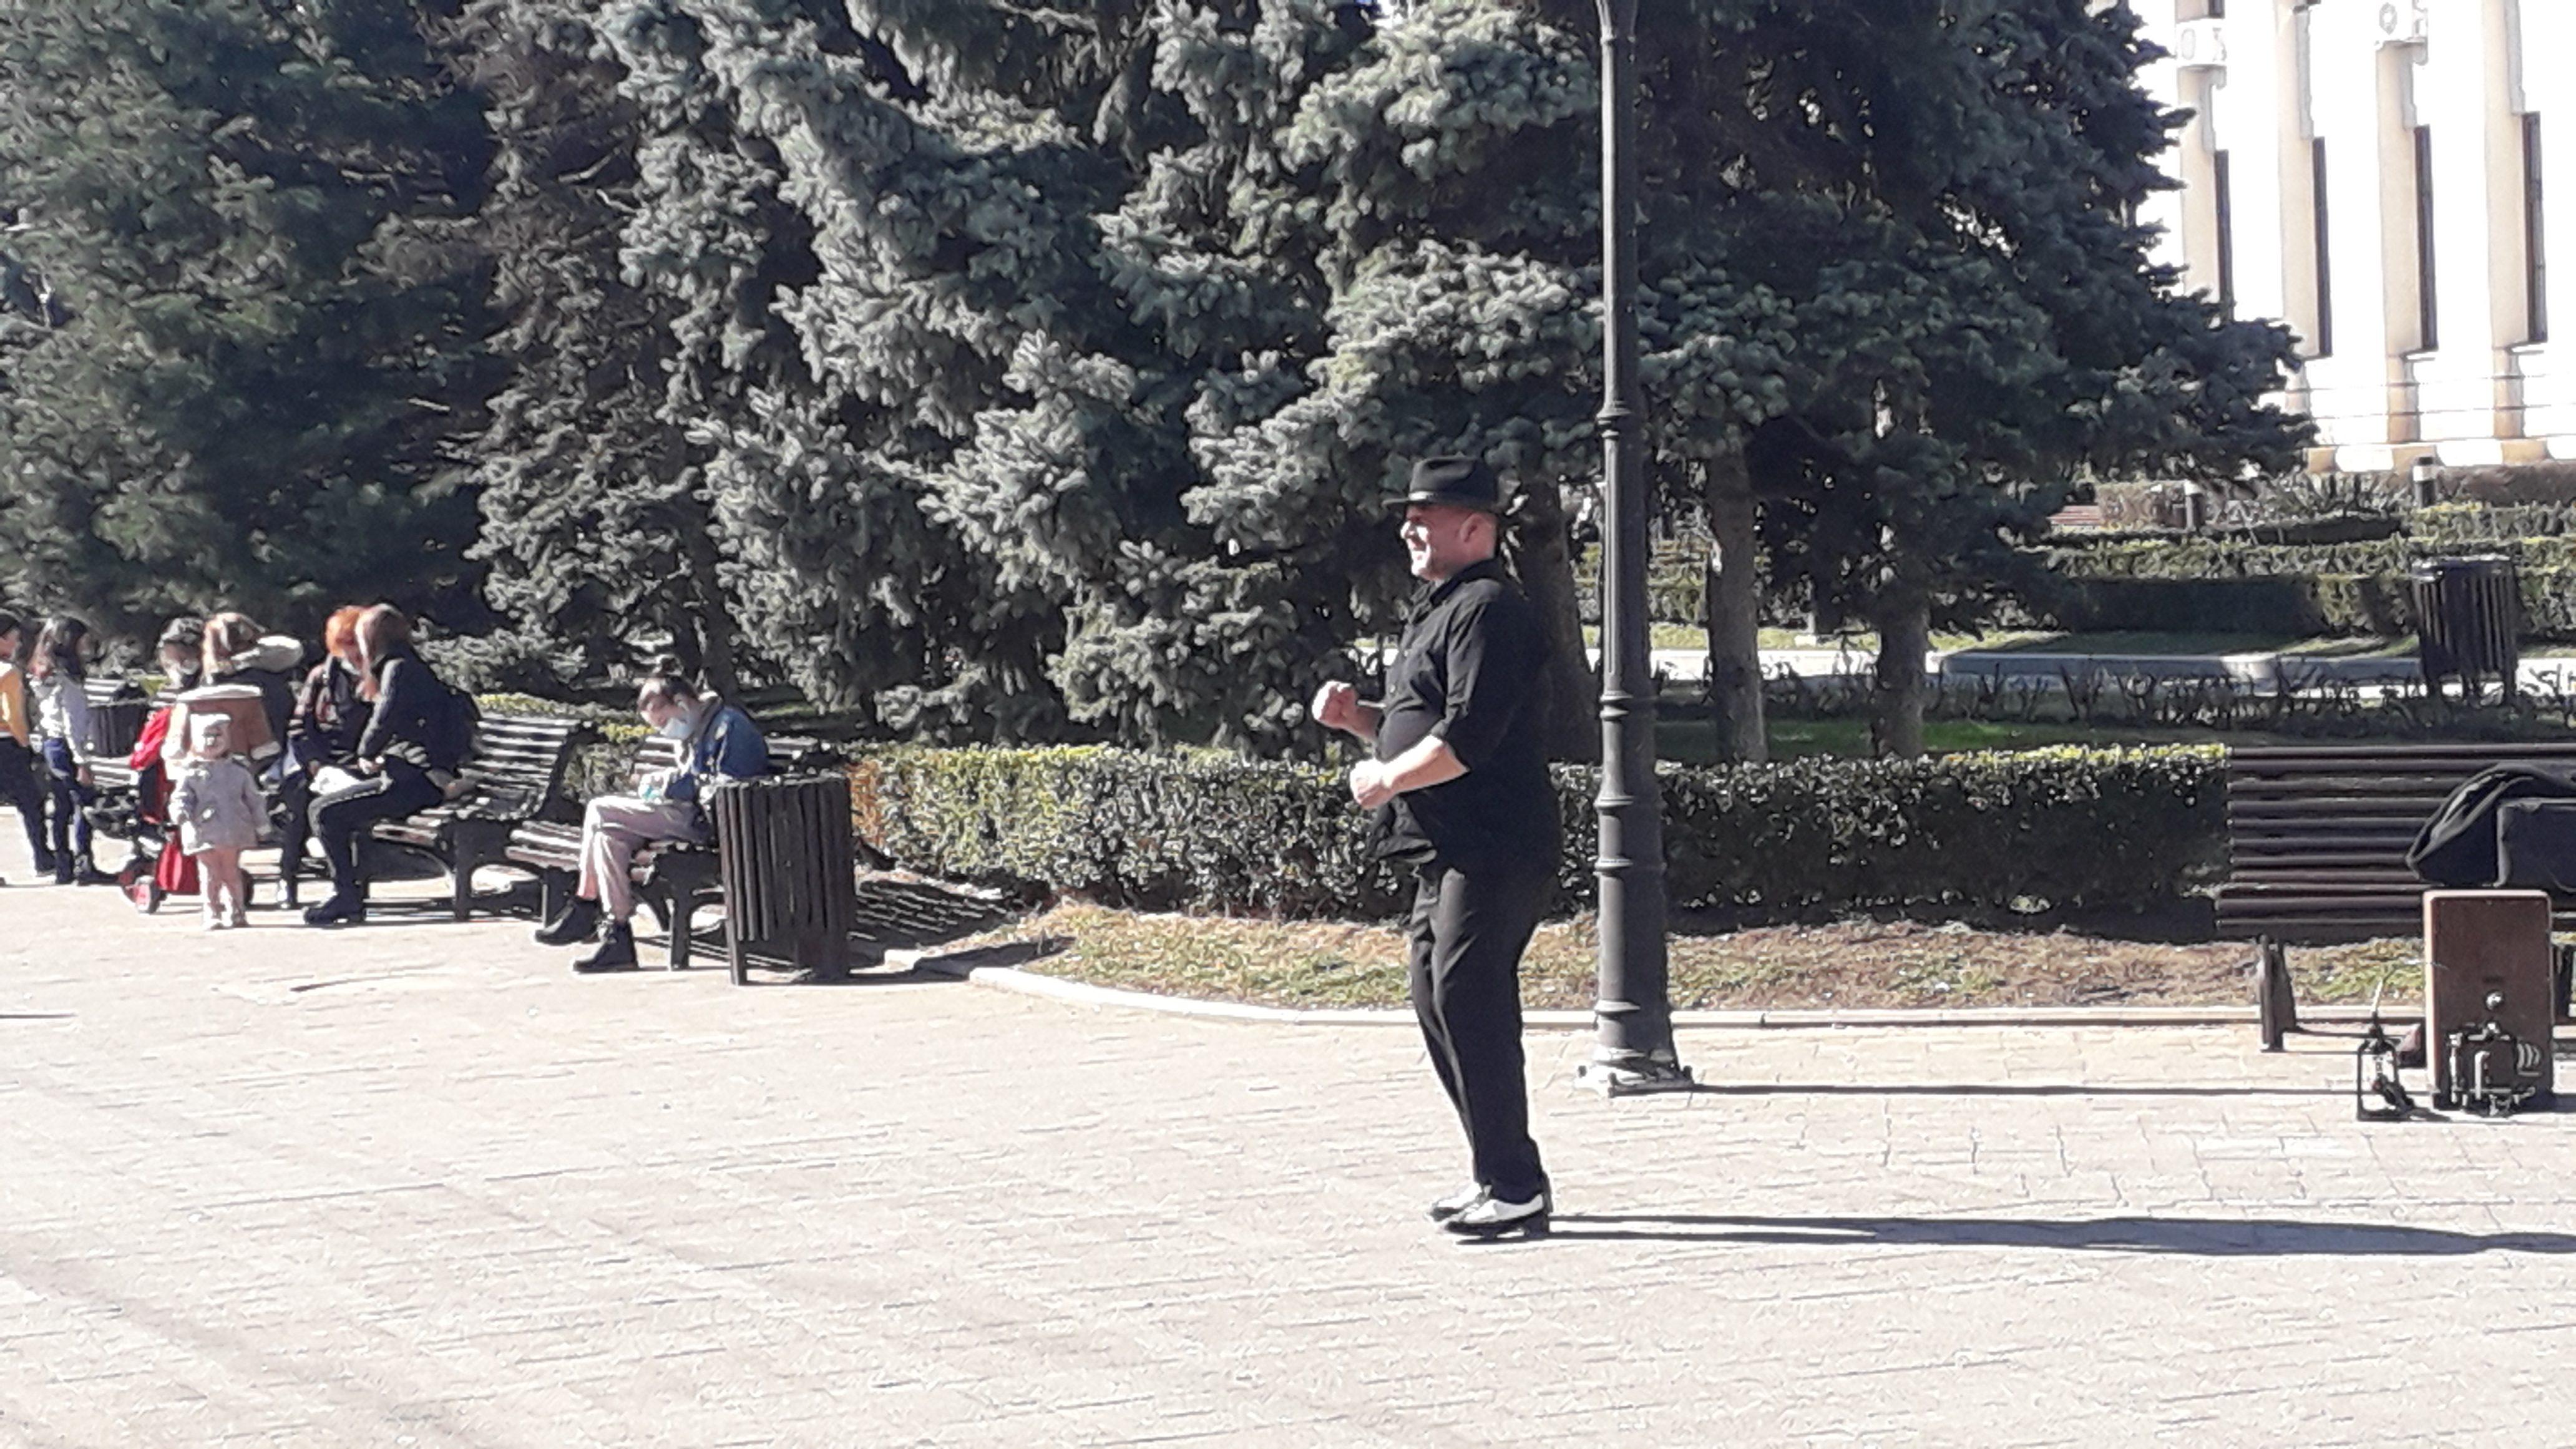 (video) Aproape o lume normală. Un om, o boxă și flamenco...  în mijlocul orașului